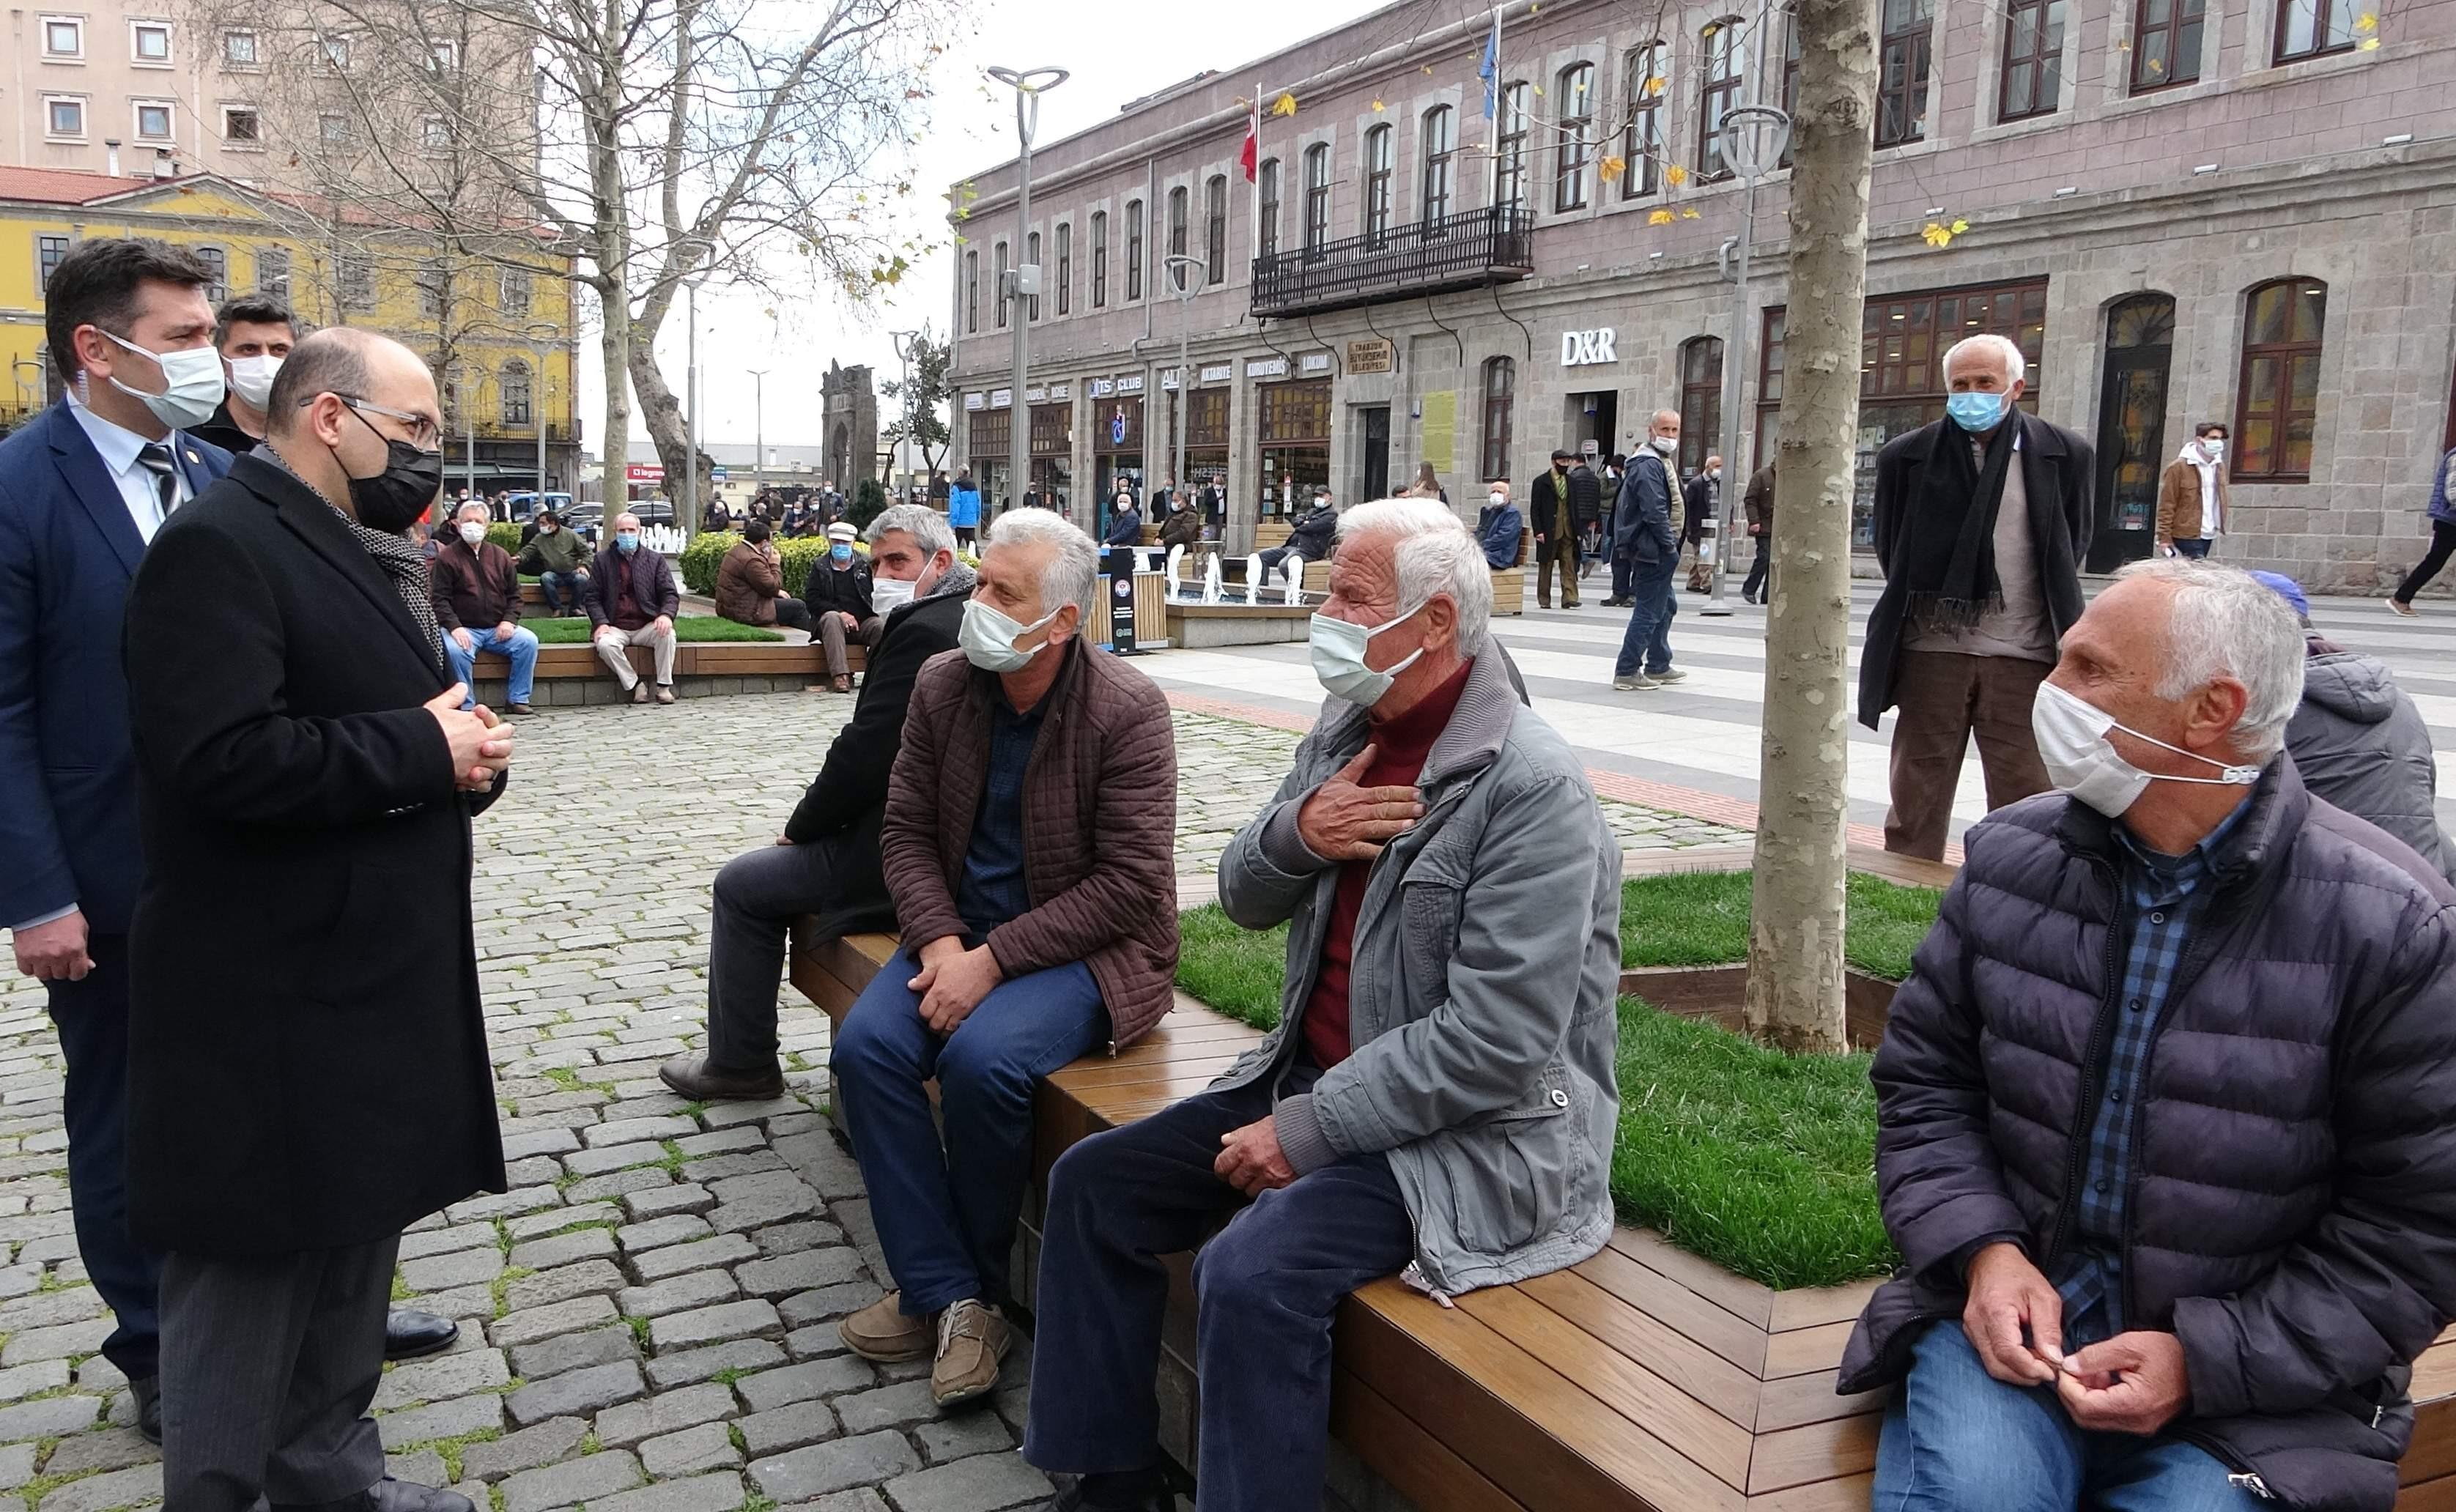 Trabzon'da azalan korona vakaları yükselişe geçti. Vali Ustaoğlu vatandaşları uyardı!